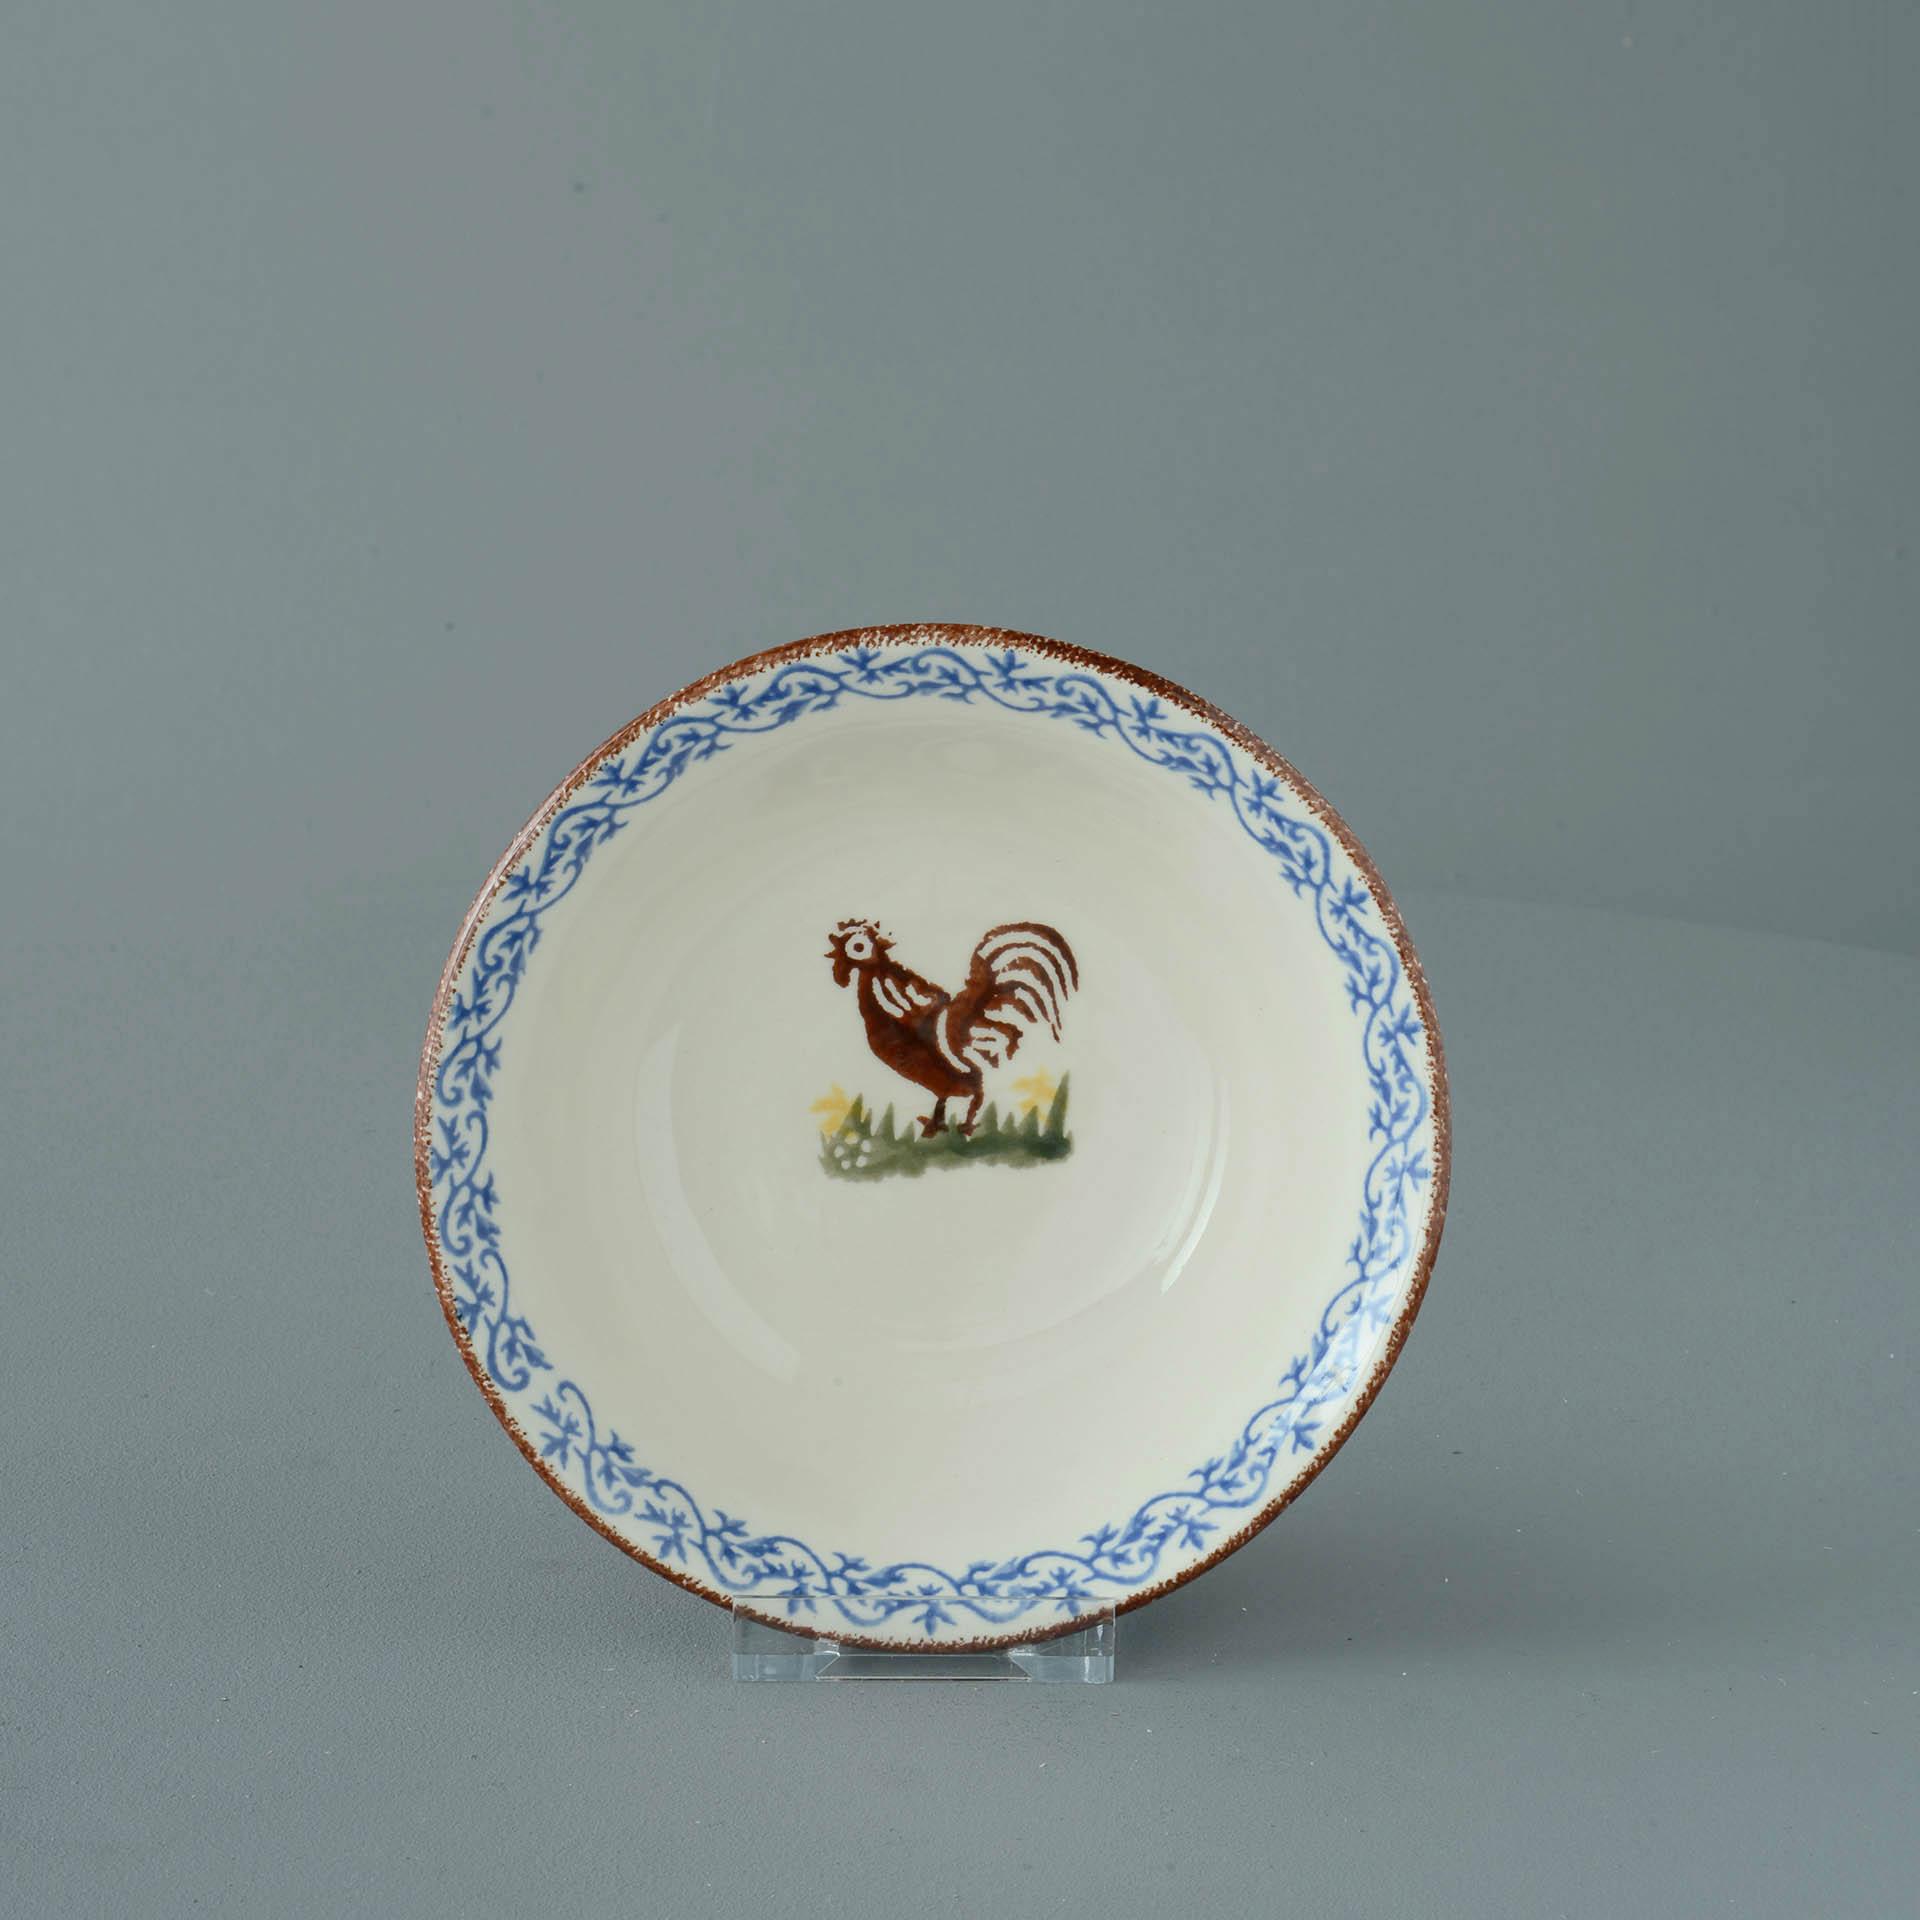 Cock & Hen Baby Bowl 4.5 x 15cm